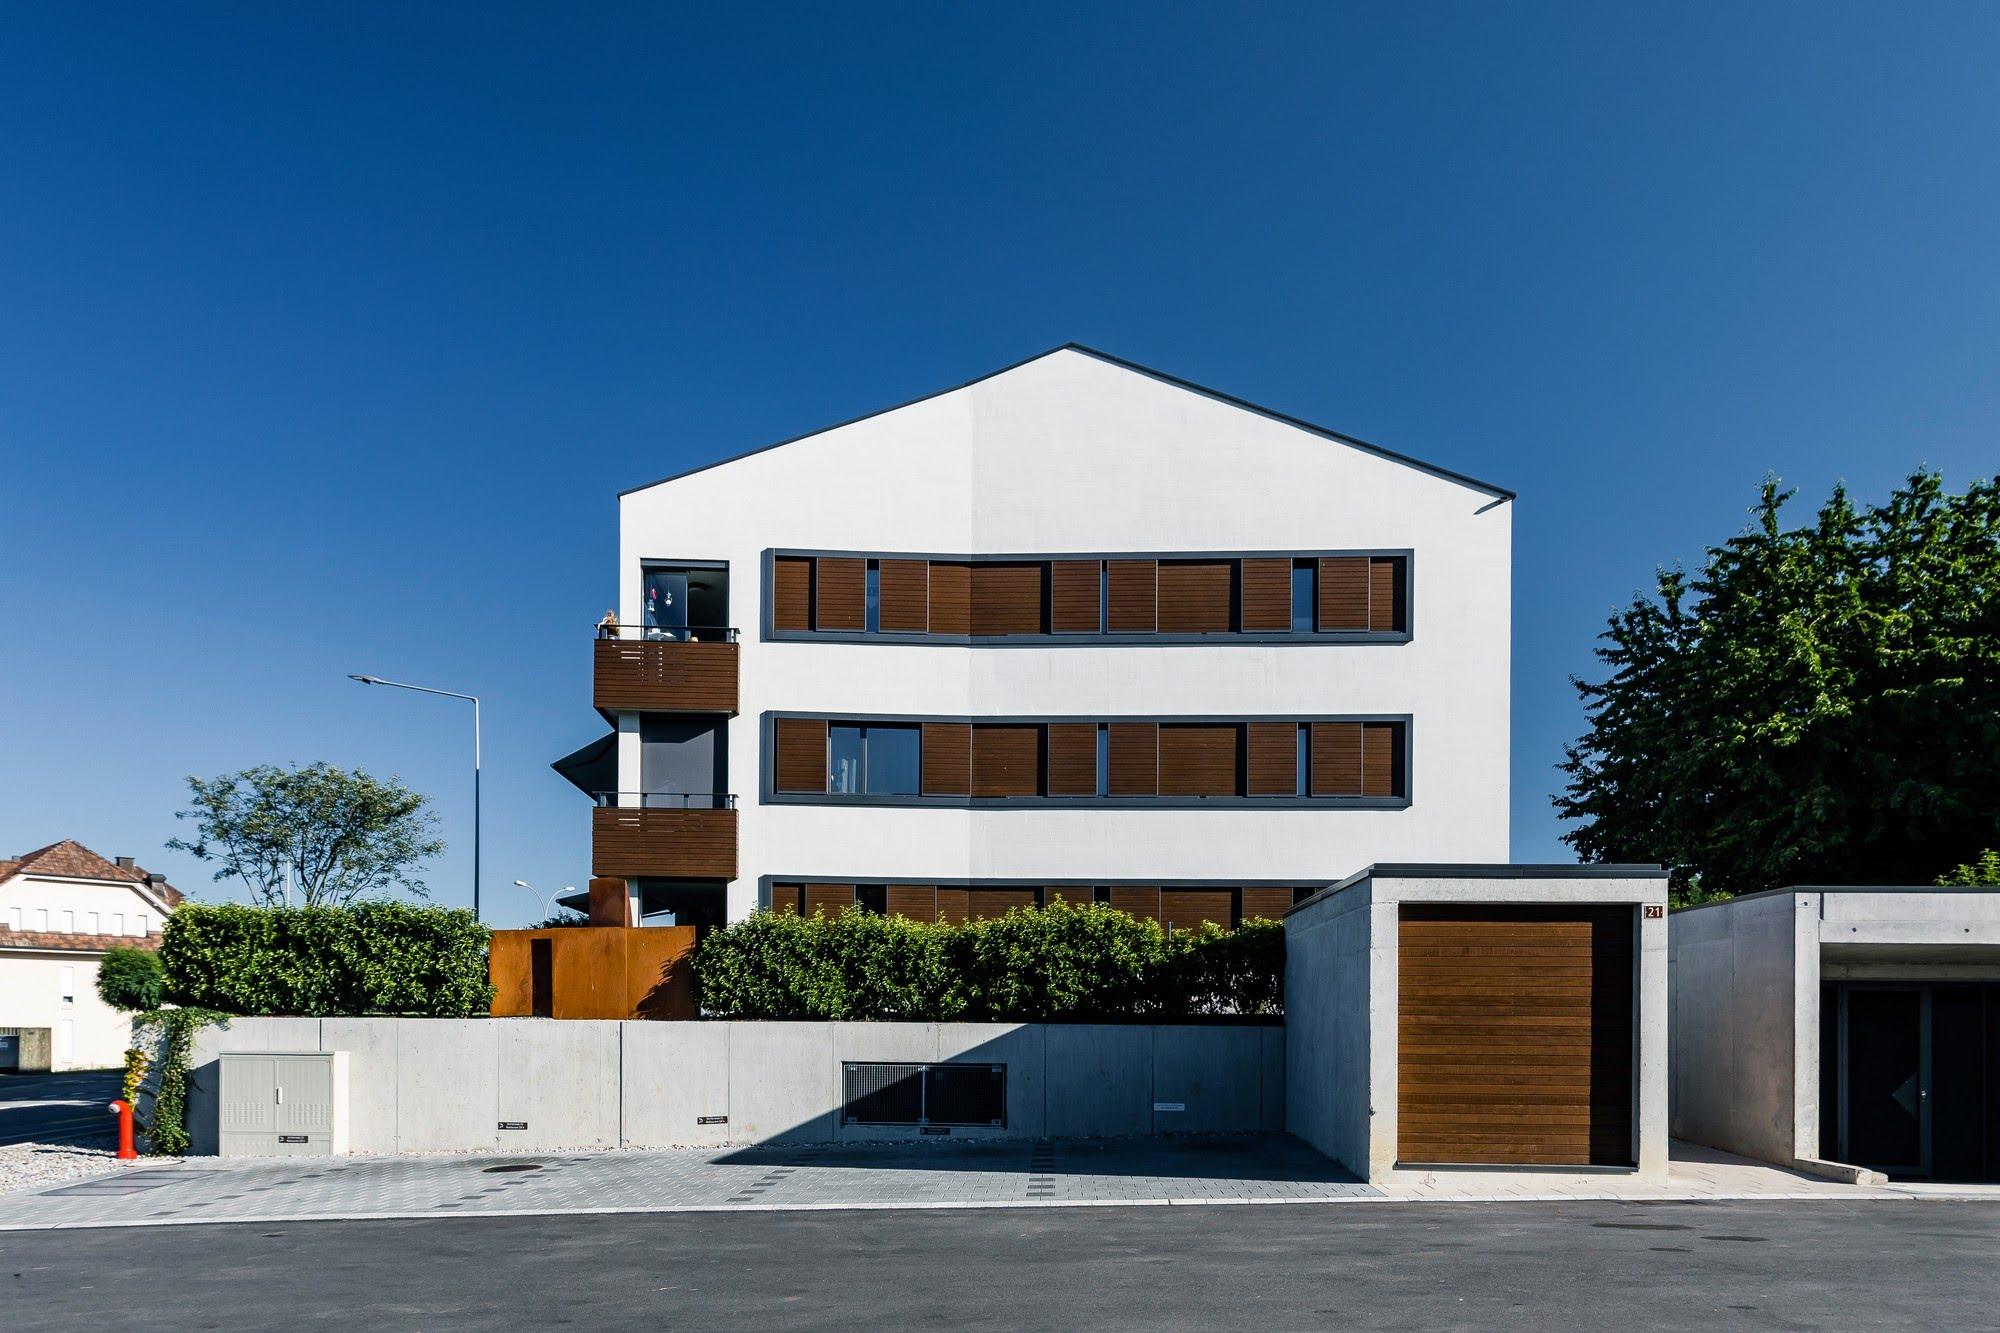 Wohnen MFH MFH Ochsen Schenkon Architektur,Wohnungsbau,Wohnhäuser,Einfamilienhäuser,Mehrfamilienhäuser